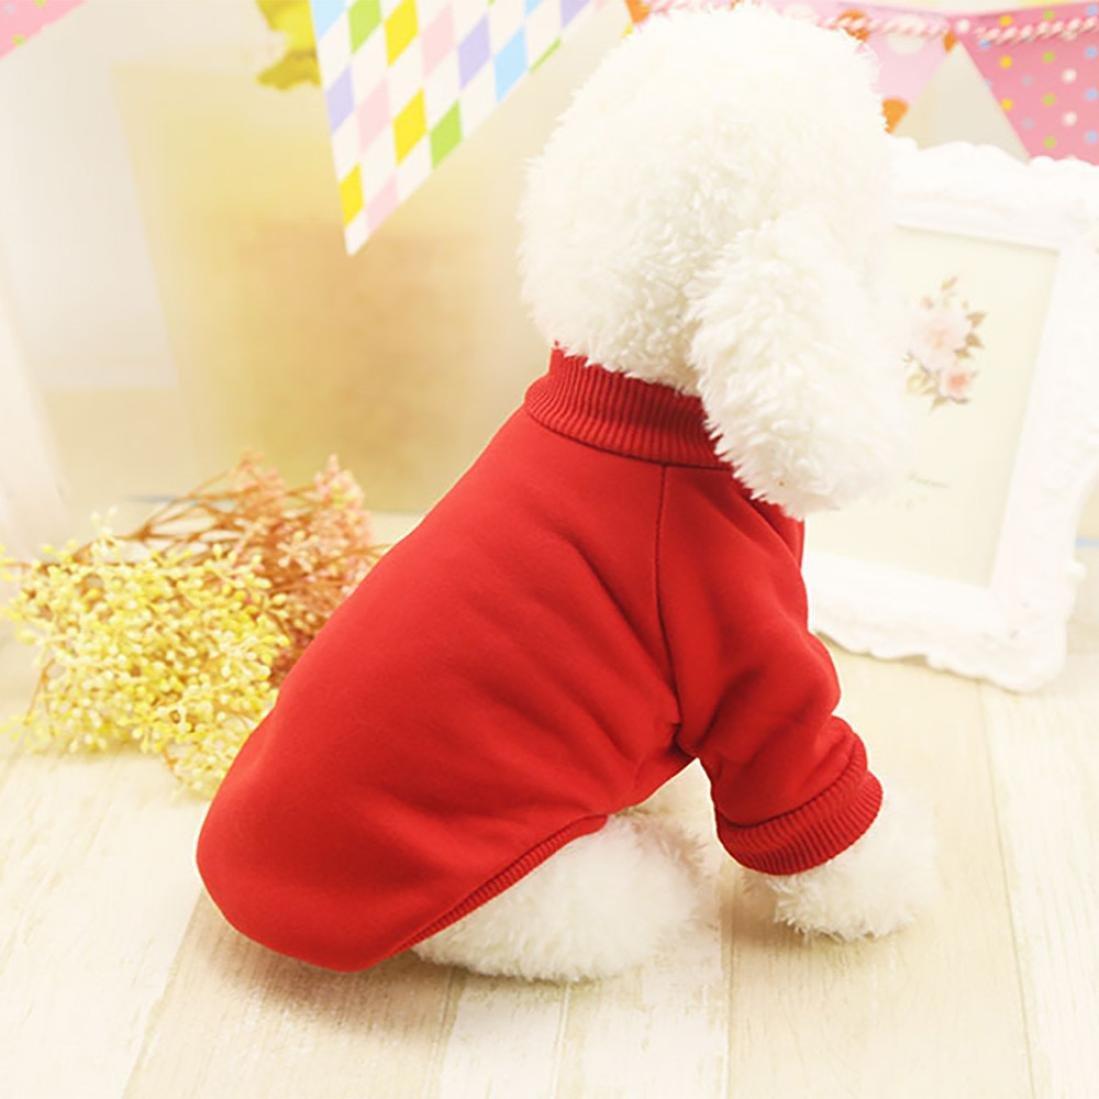 S, Rojo Ropa para mascotas Ropa de perro caliente Cachorro Ropa para mascotas Ropa de invierno para mascotas unisex Perro Gato Vestir Su/éter Mono Disfraz Alta calidad LMMVP